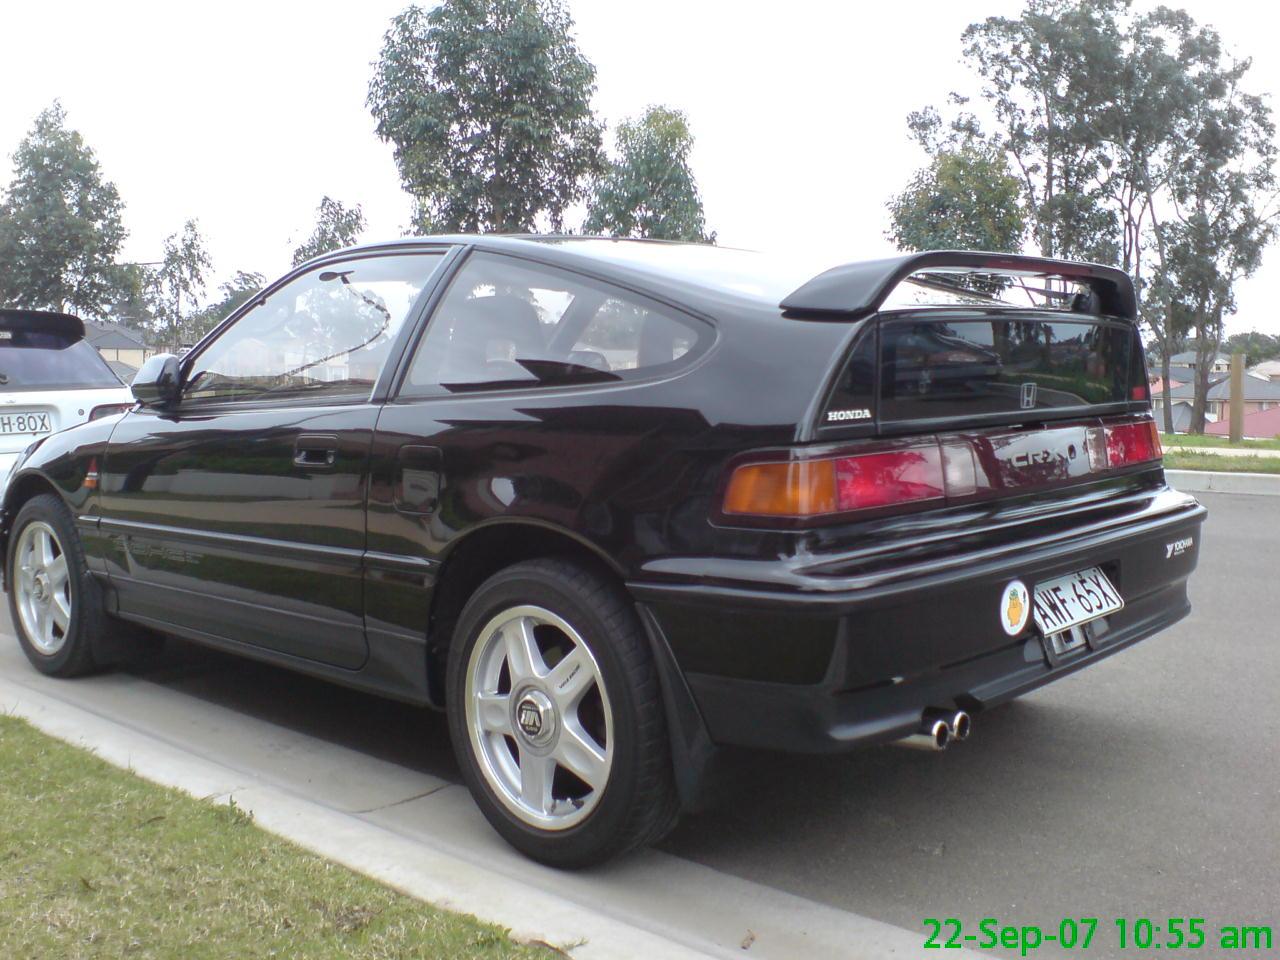 1989 Honda Civic CRX - Pictures - CarGurus